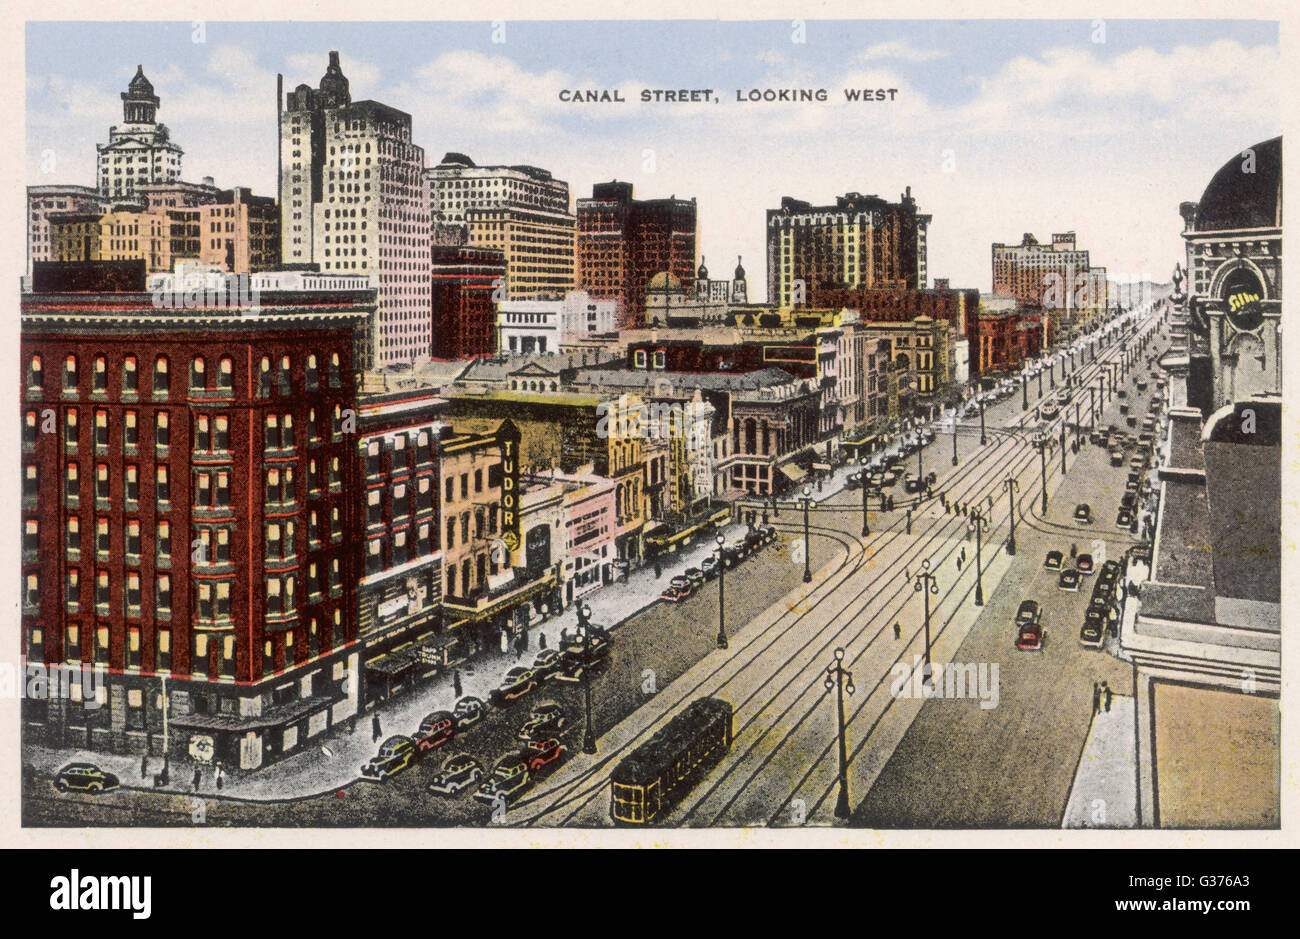 Canal Street Date: geschrieben 1955 Stockbild